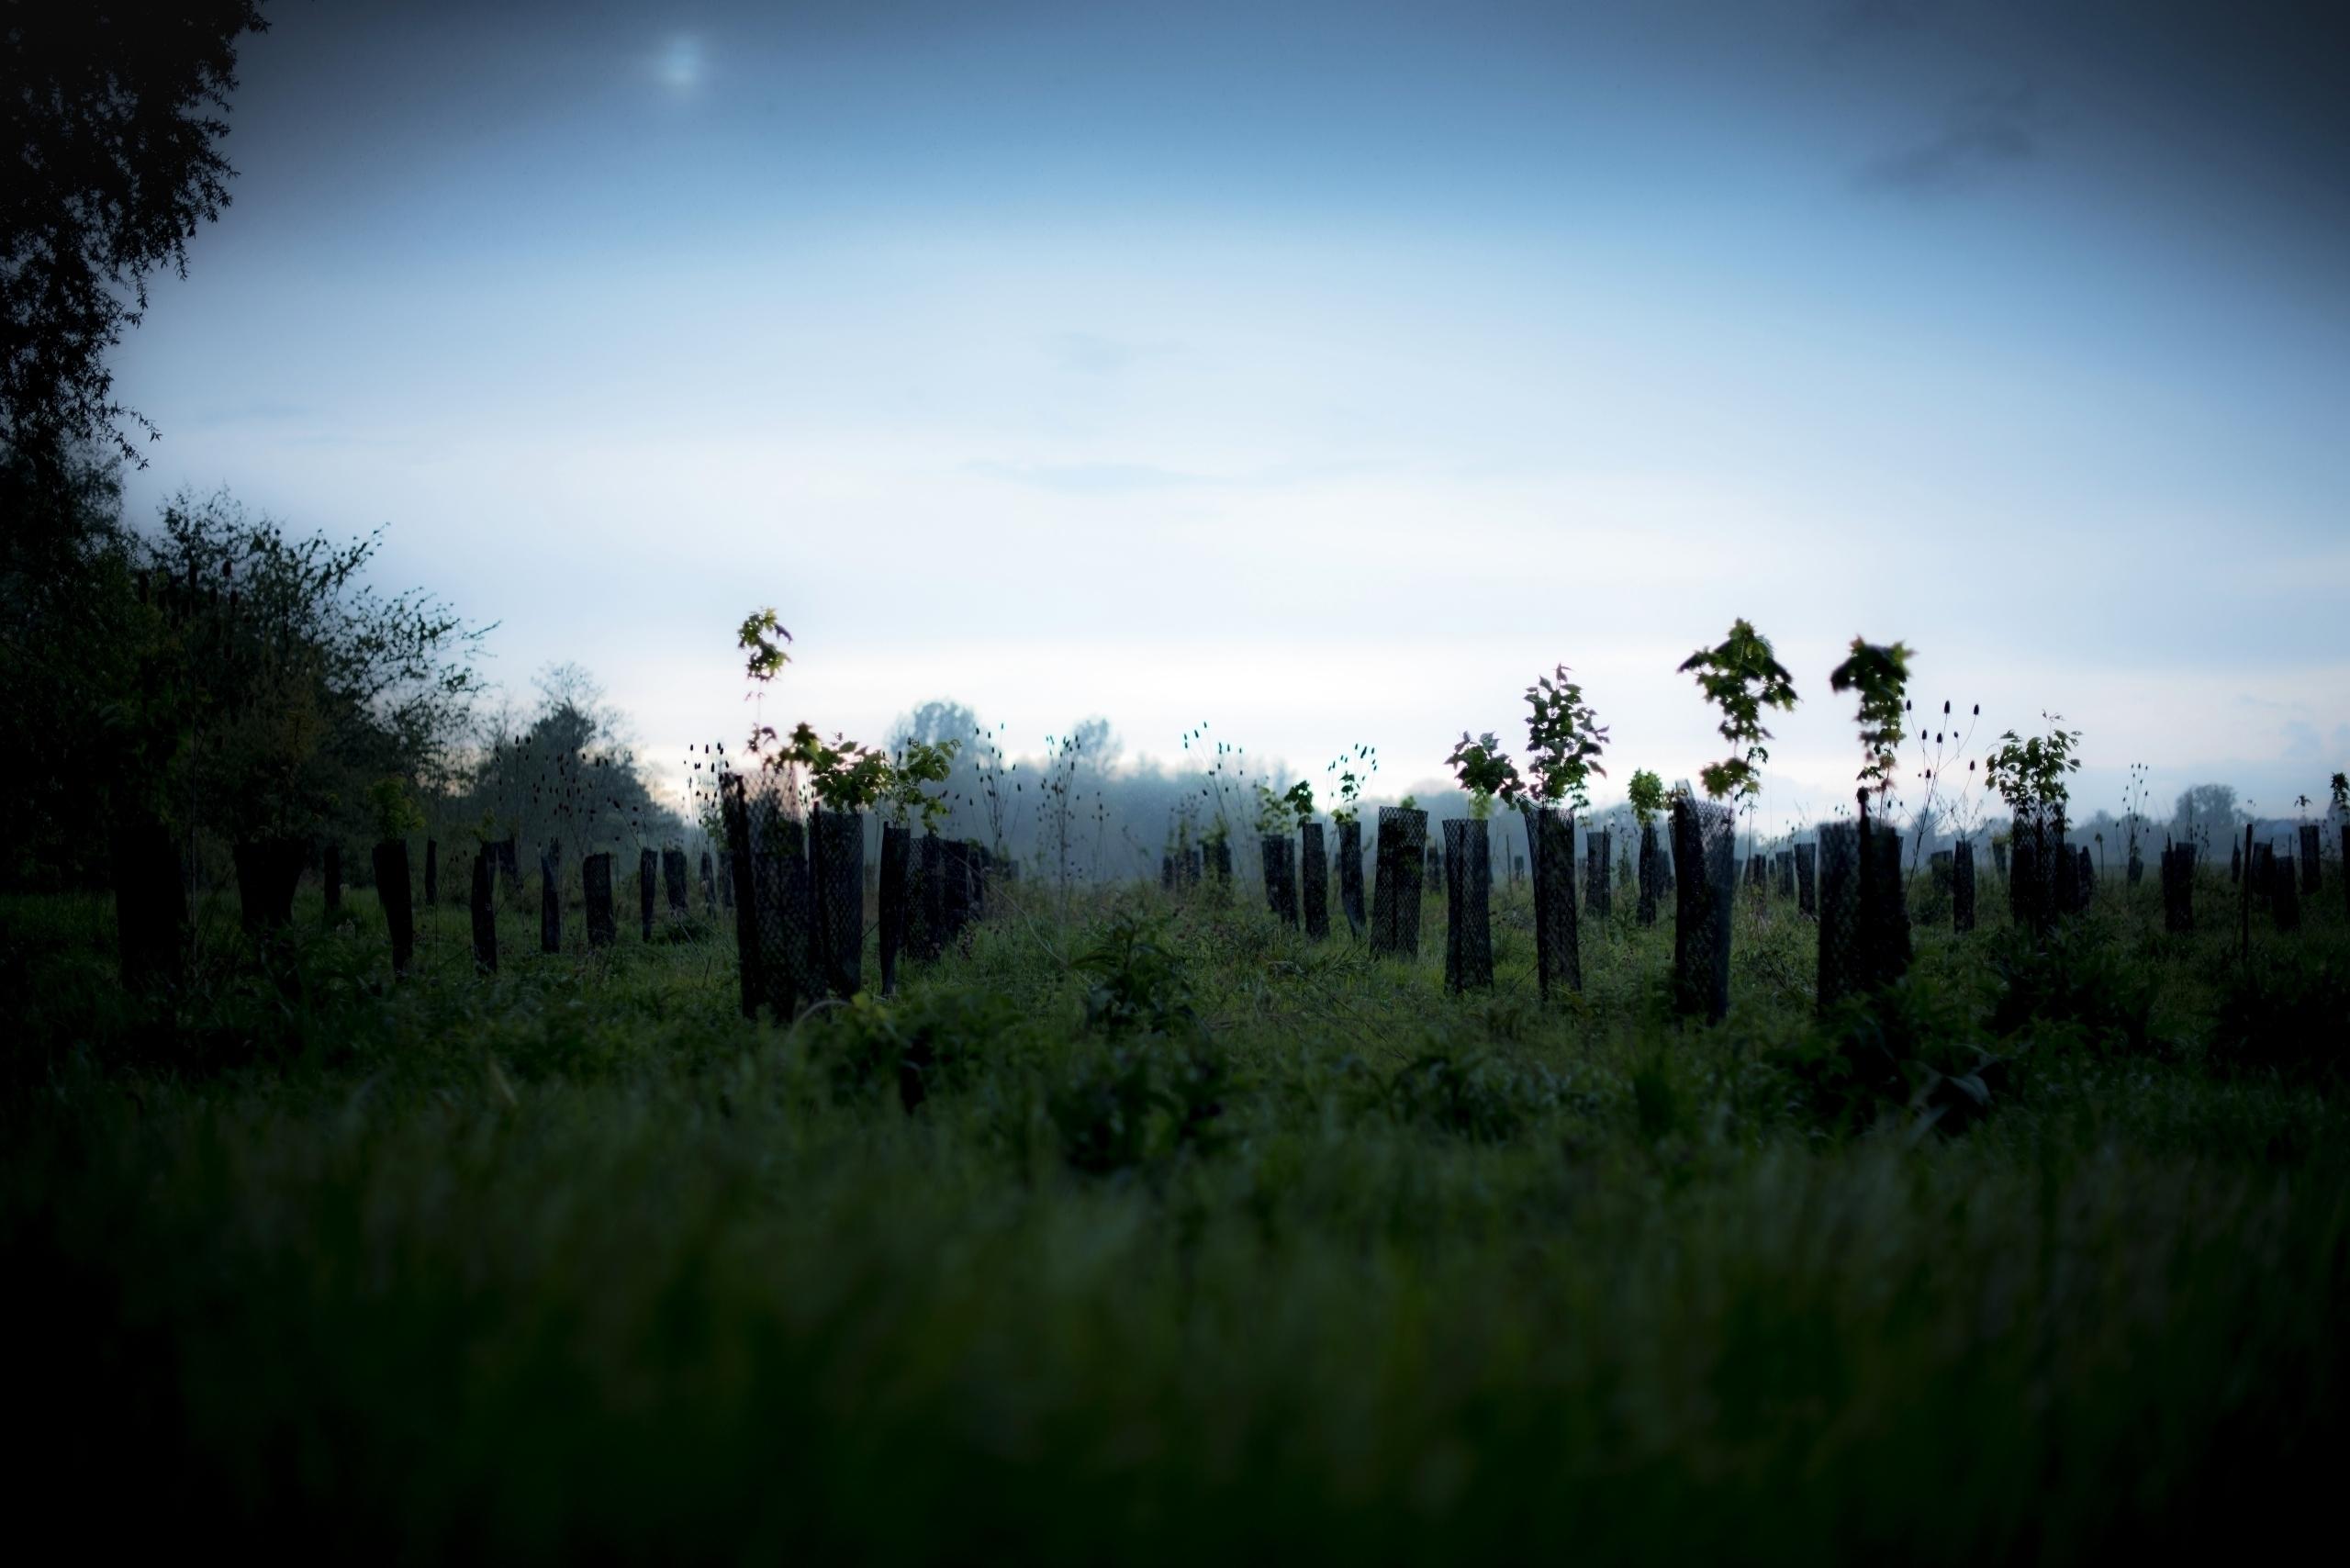 men; tree roots, stuck present - philippe_schoen | ello